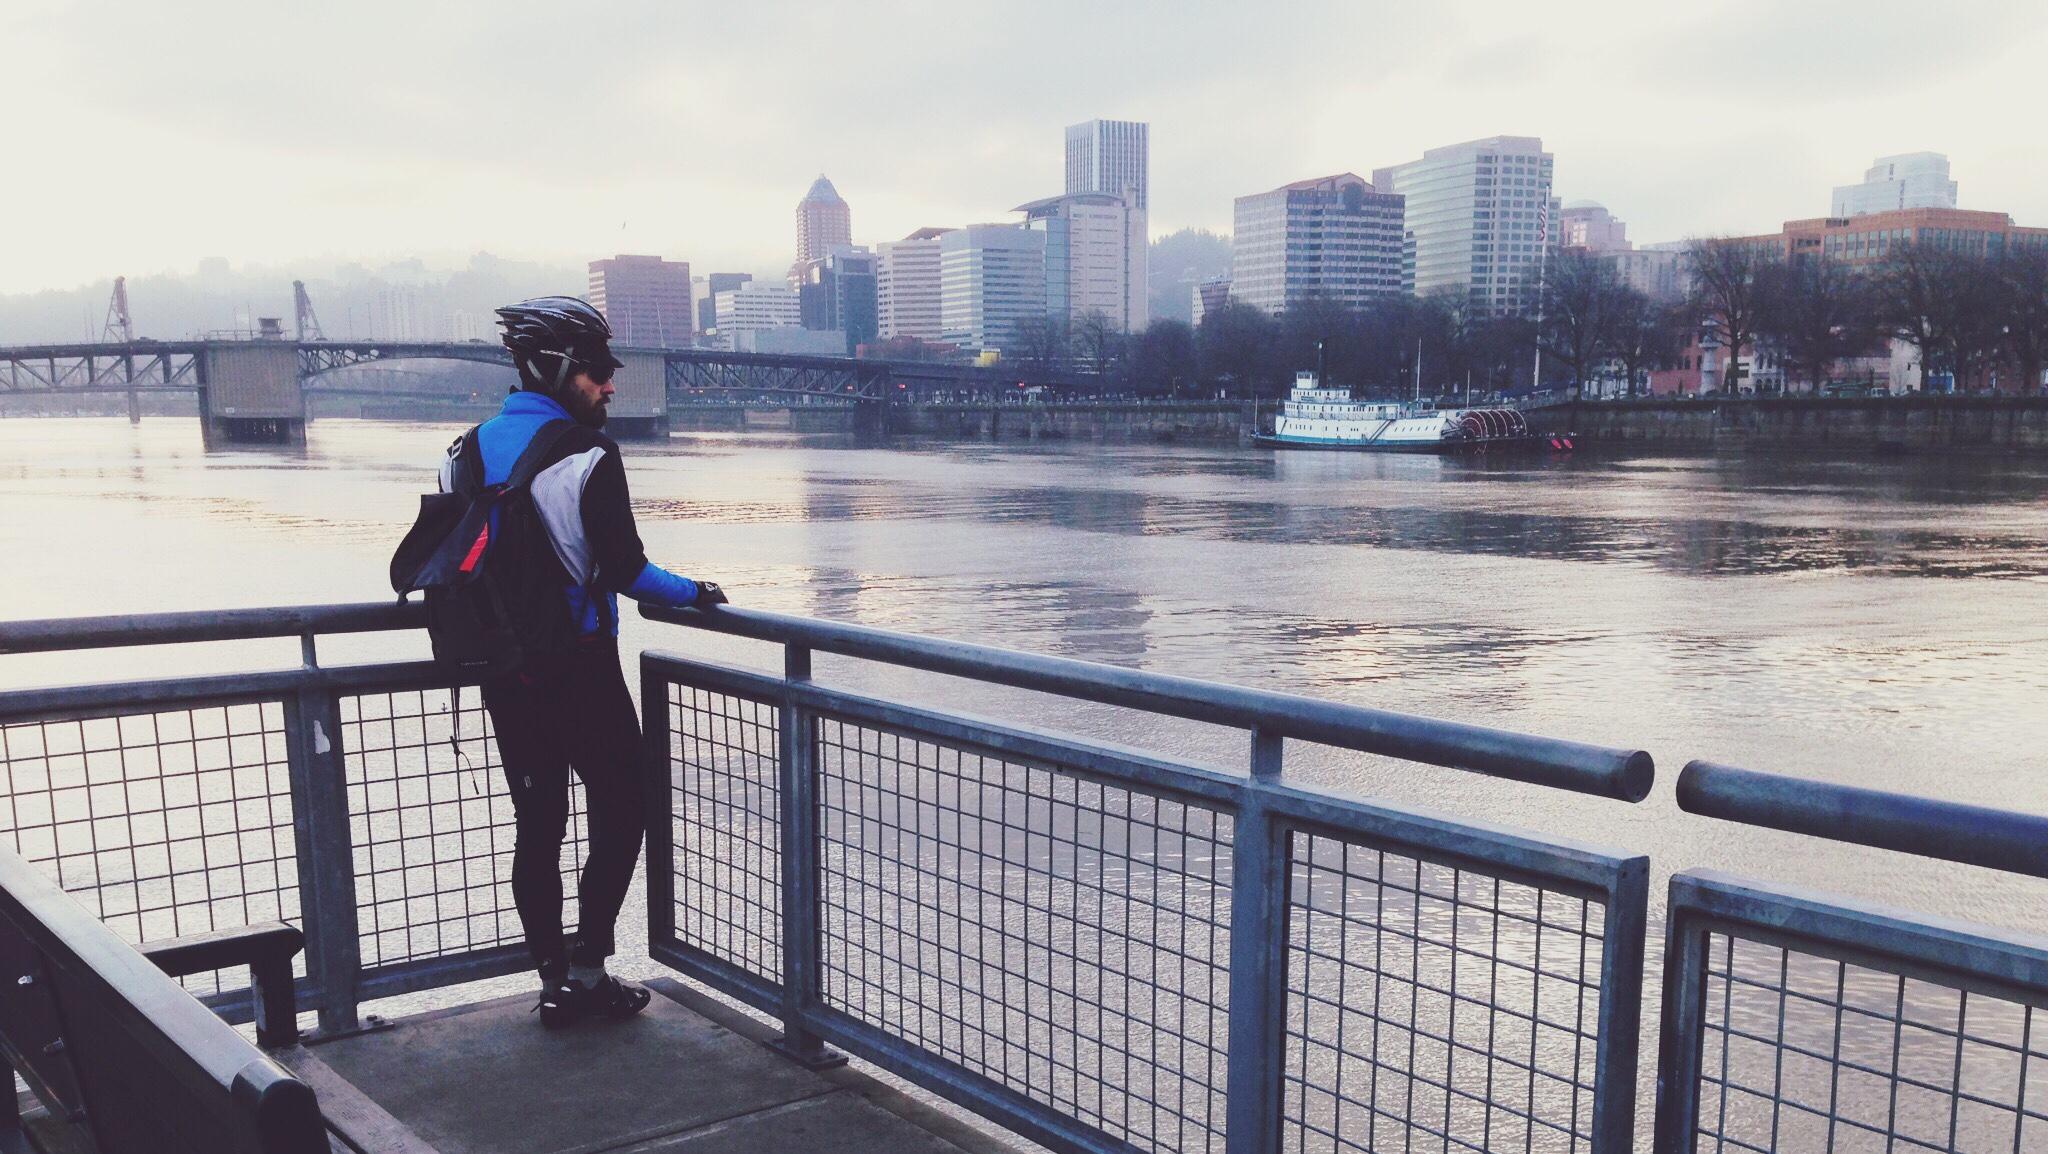 Looking across the Willamette River toward Portland.